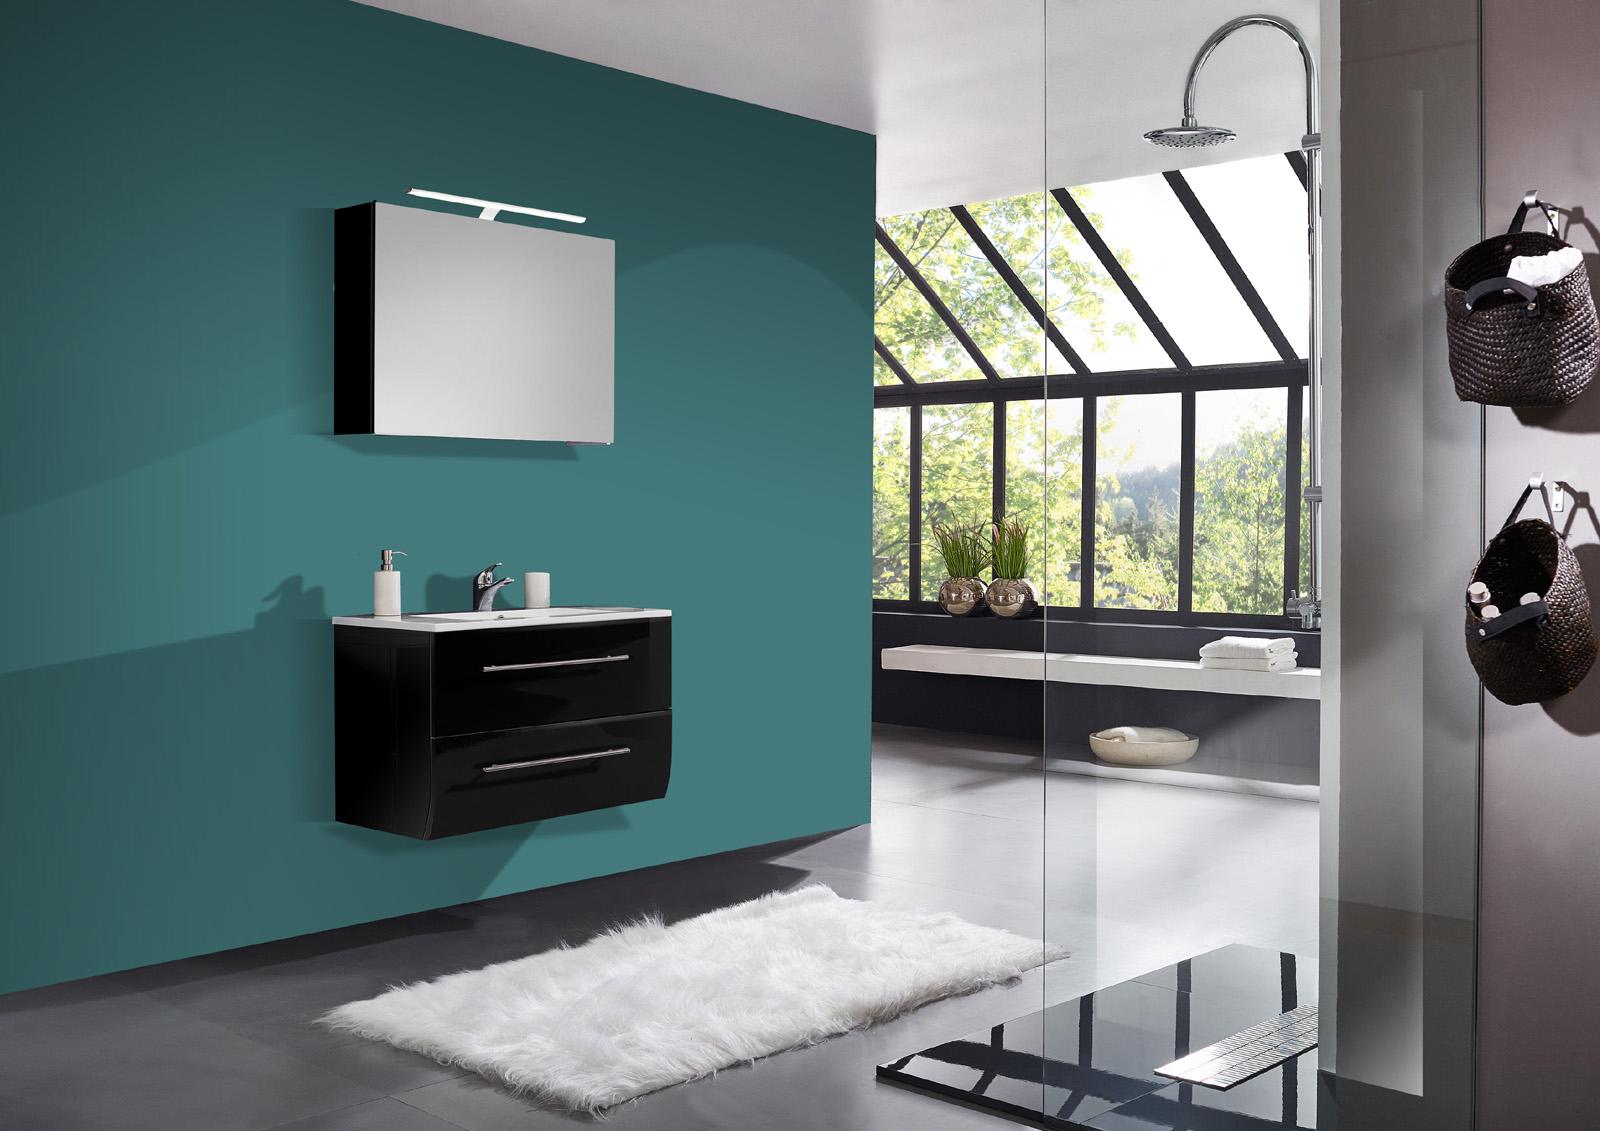 sam® 2tlg badezimmer set schwarz hochglanz 70cm niagara deluxe, Badezimmer ideen